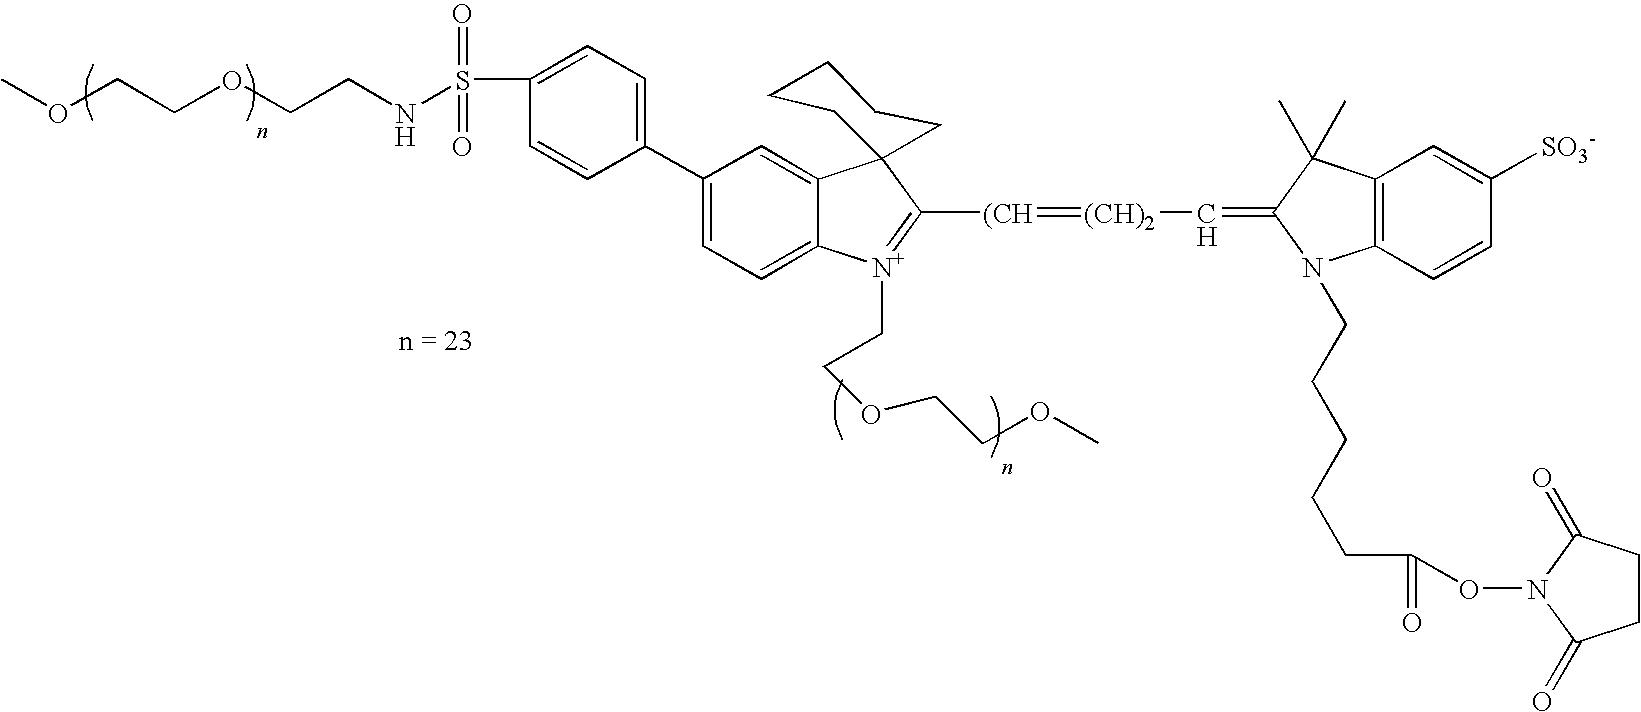 Figure US20090305410A1-20091210-C00074